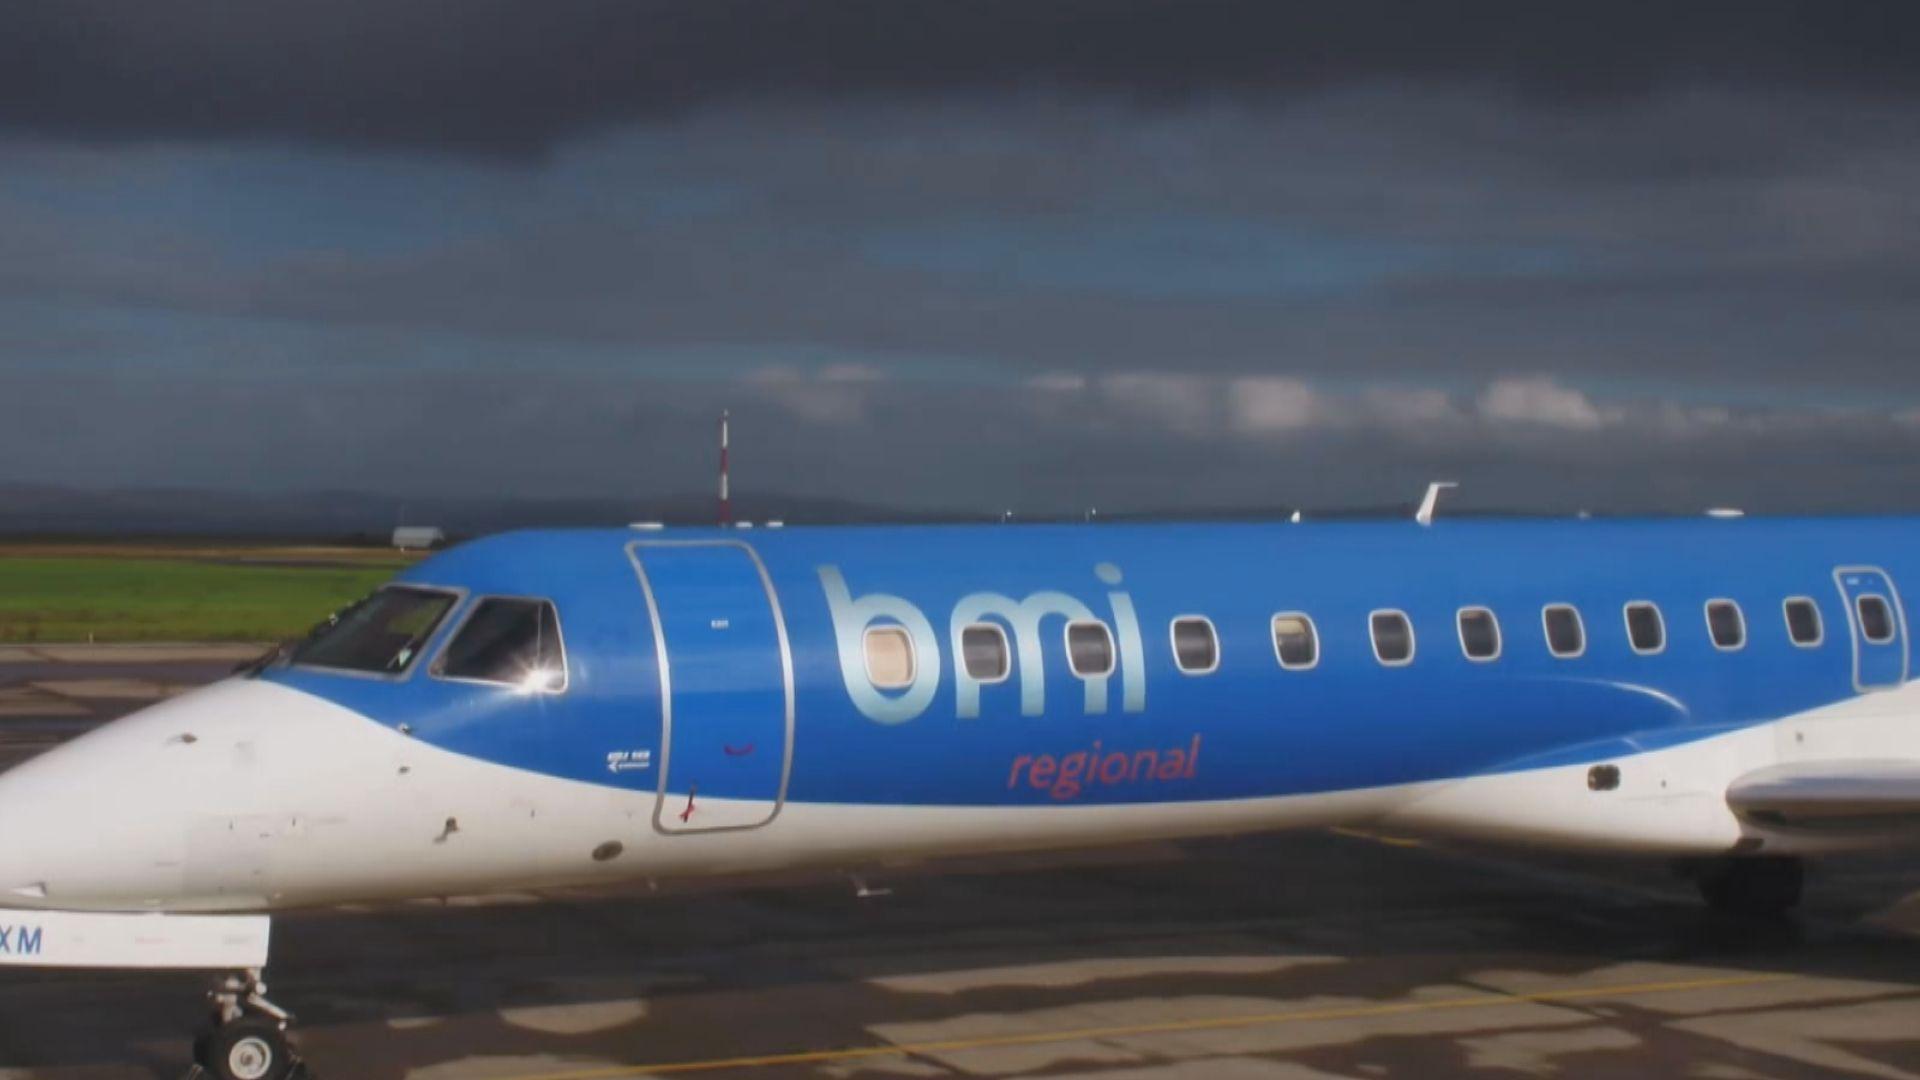 英國有航空公司稱脫歐致經營困難決定停運